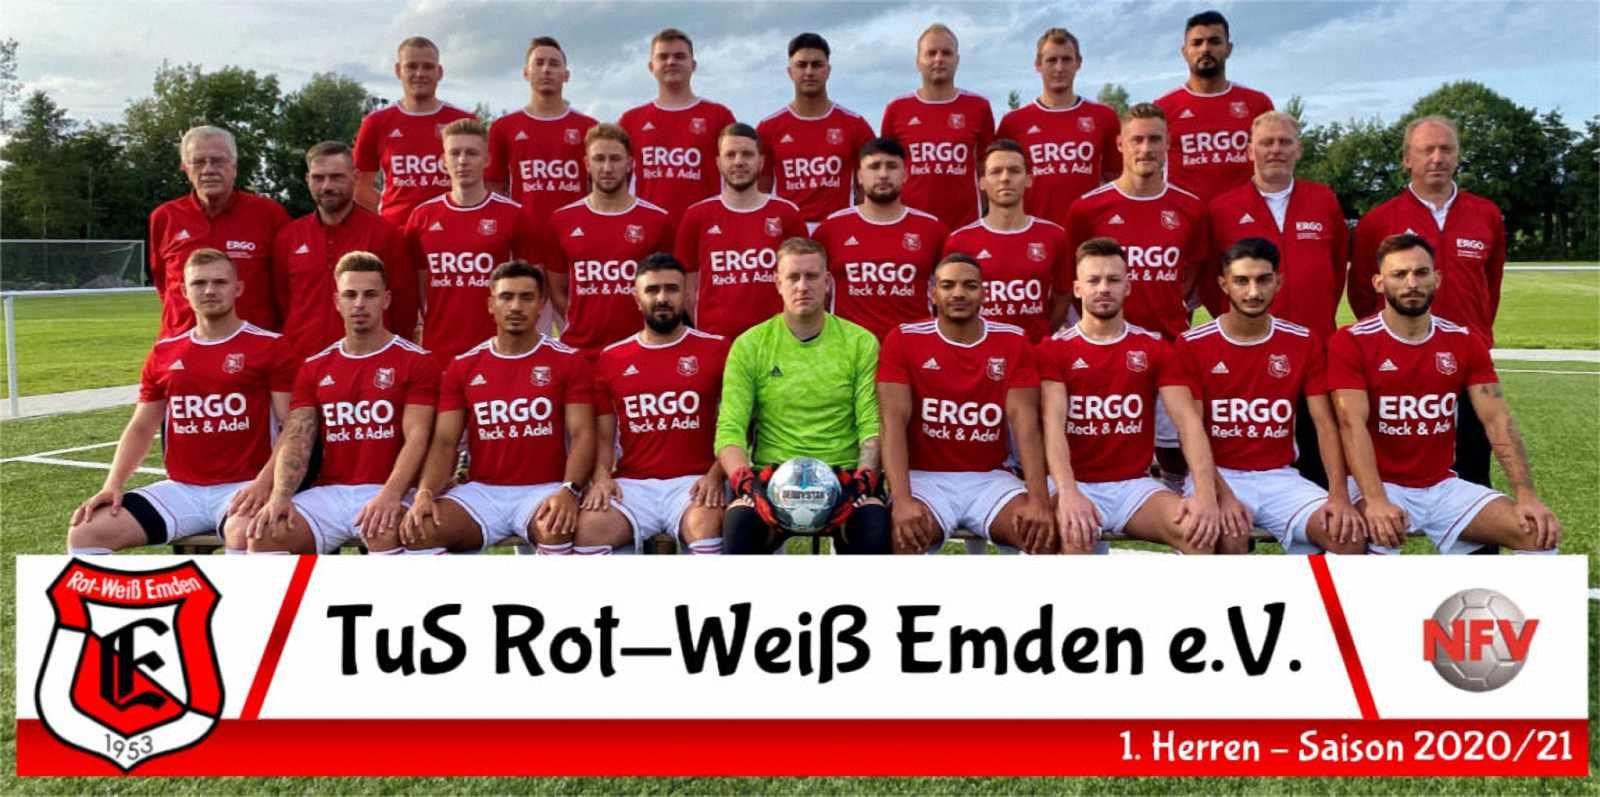 TuS Rot-Weiß Emden 1. Herren Saison 2020 / 2021